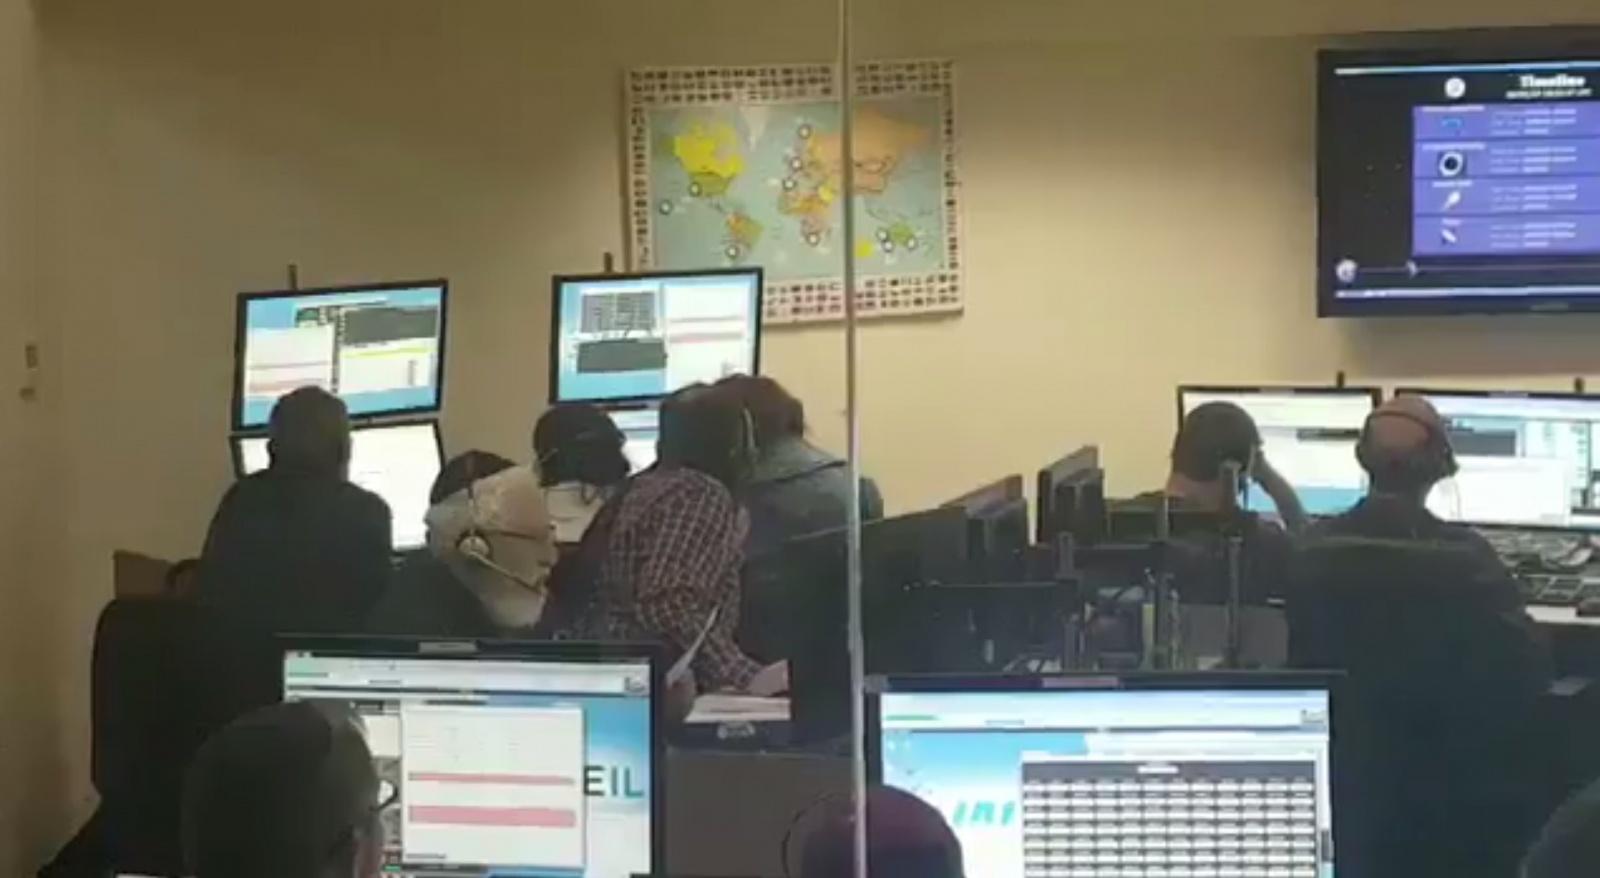 Лунная миссия «Берешит» – инженеры в ЦУП SpaceIL и Israel Aerospace Industries (IAI) решили возникшие проблемы - 11